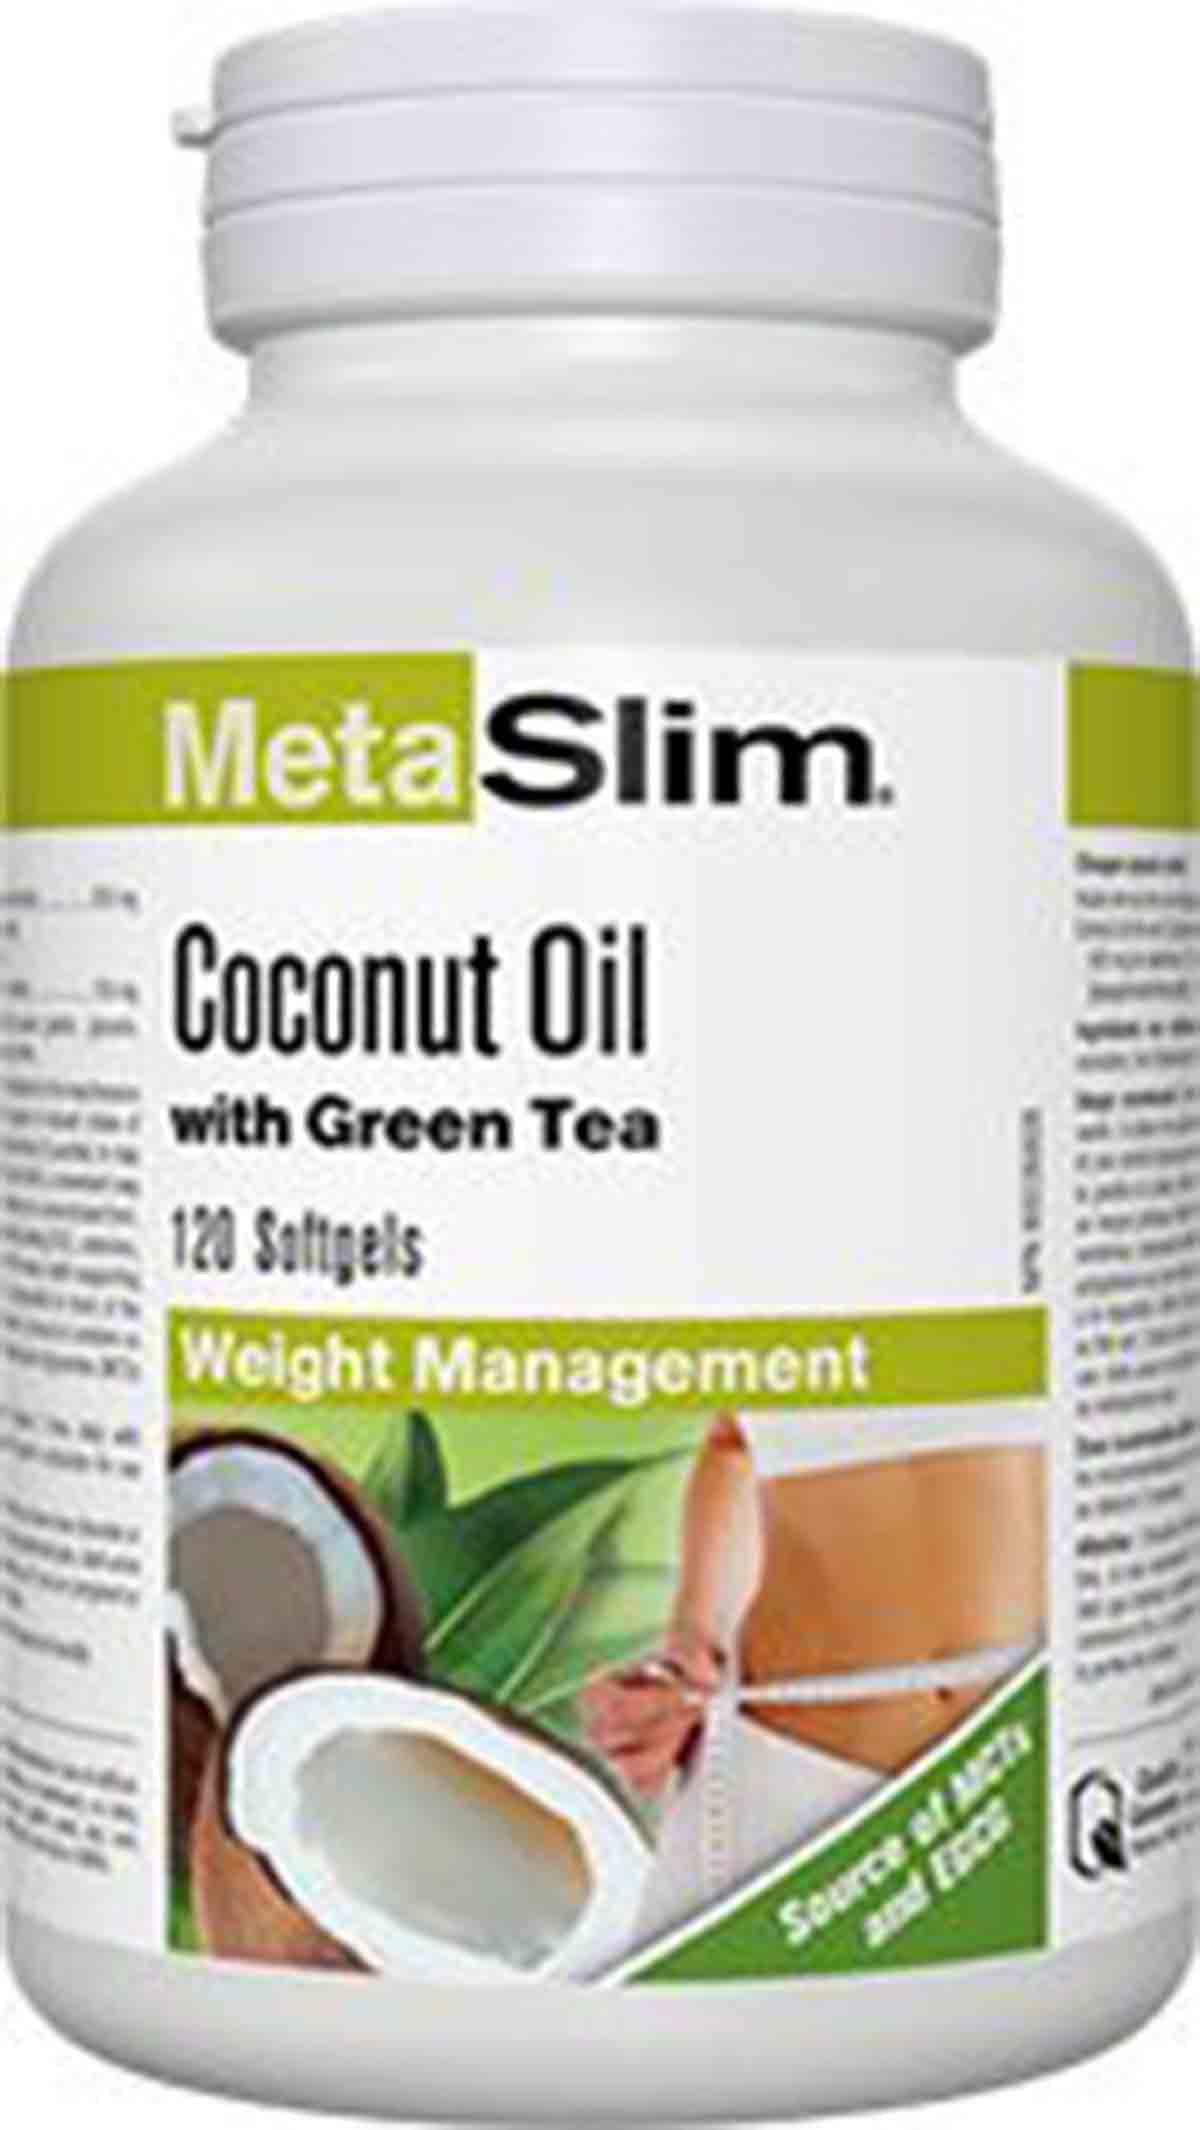 MetaSlim-Coconut-Oil-with-Green-Tea